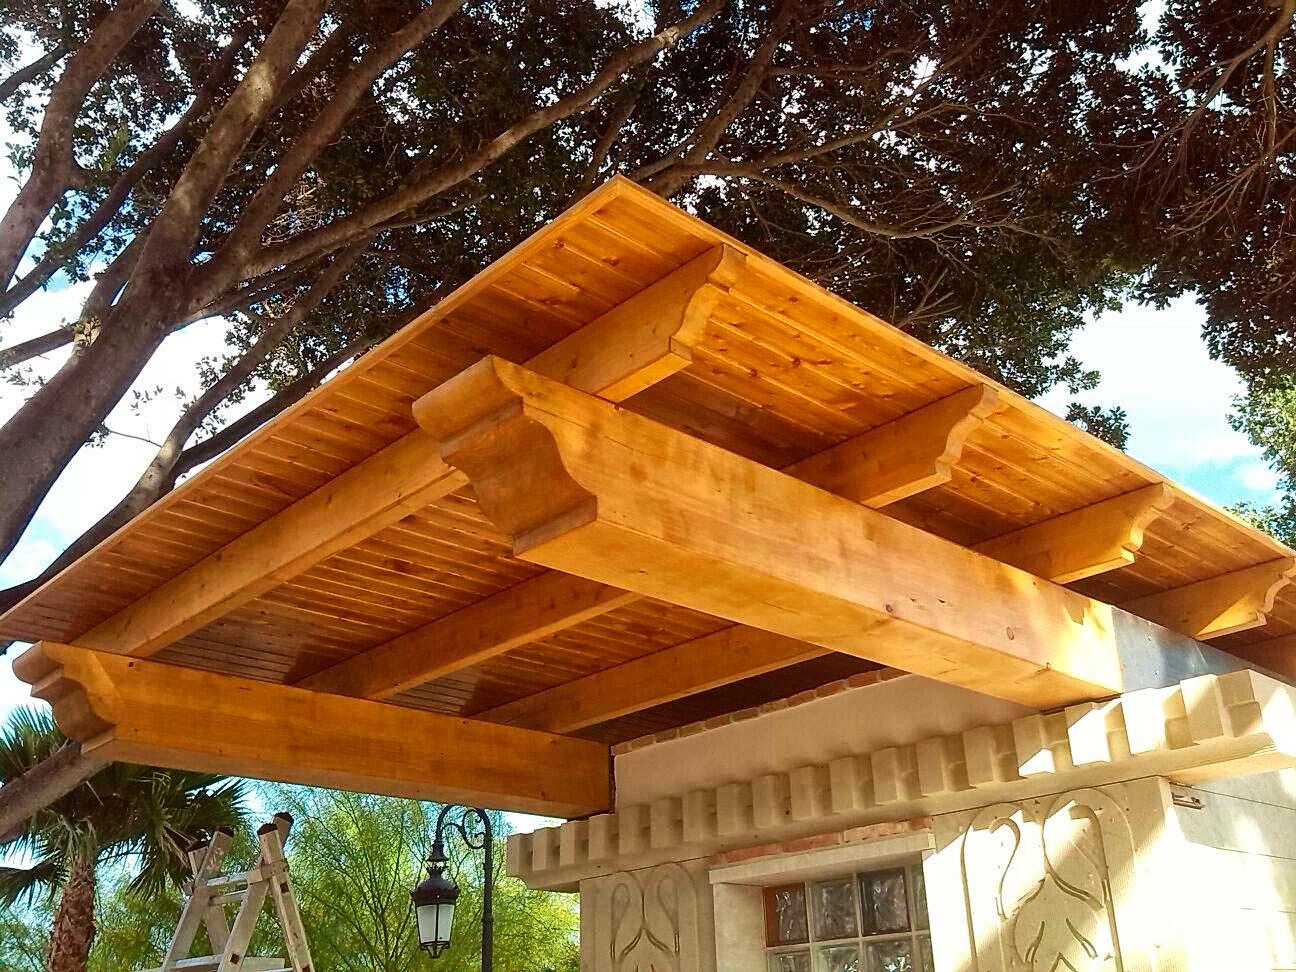 carpintería Madecor techo voladizo en madera de primera calidad